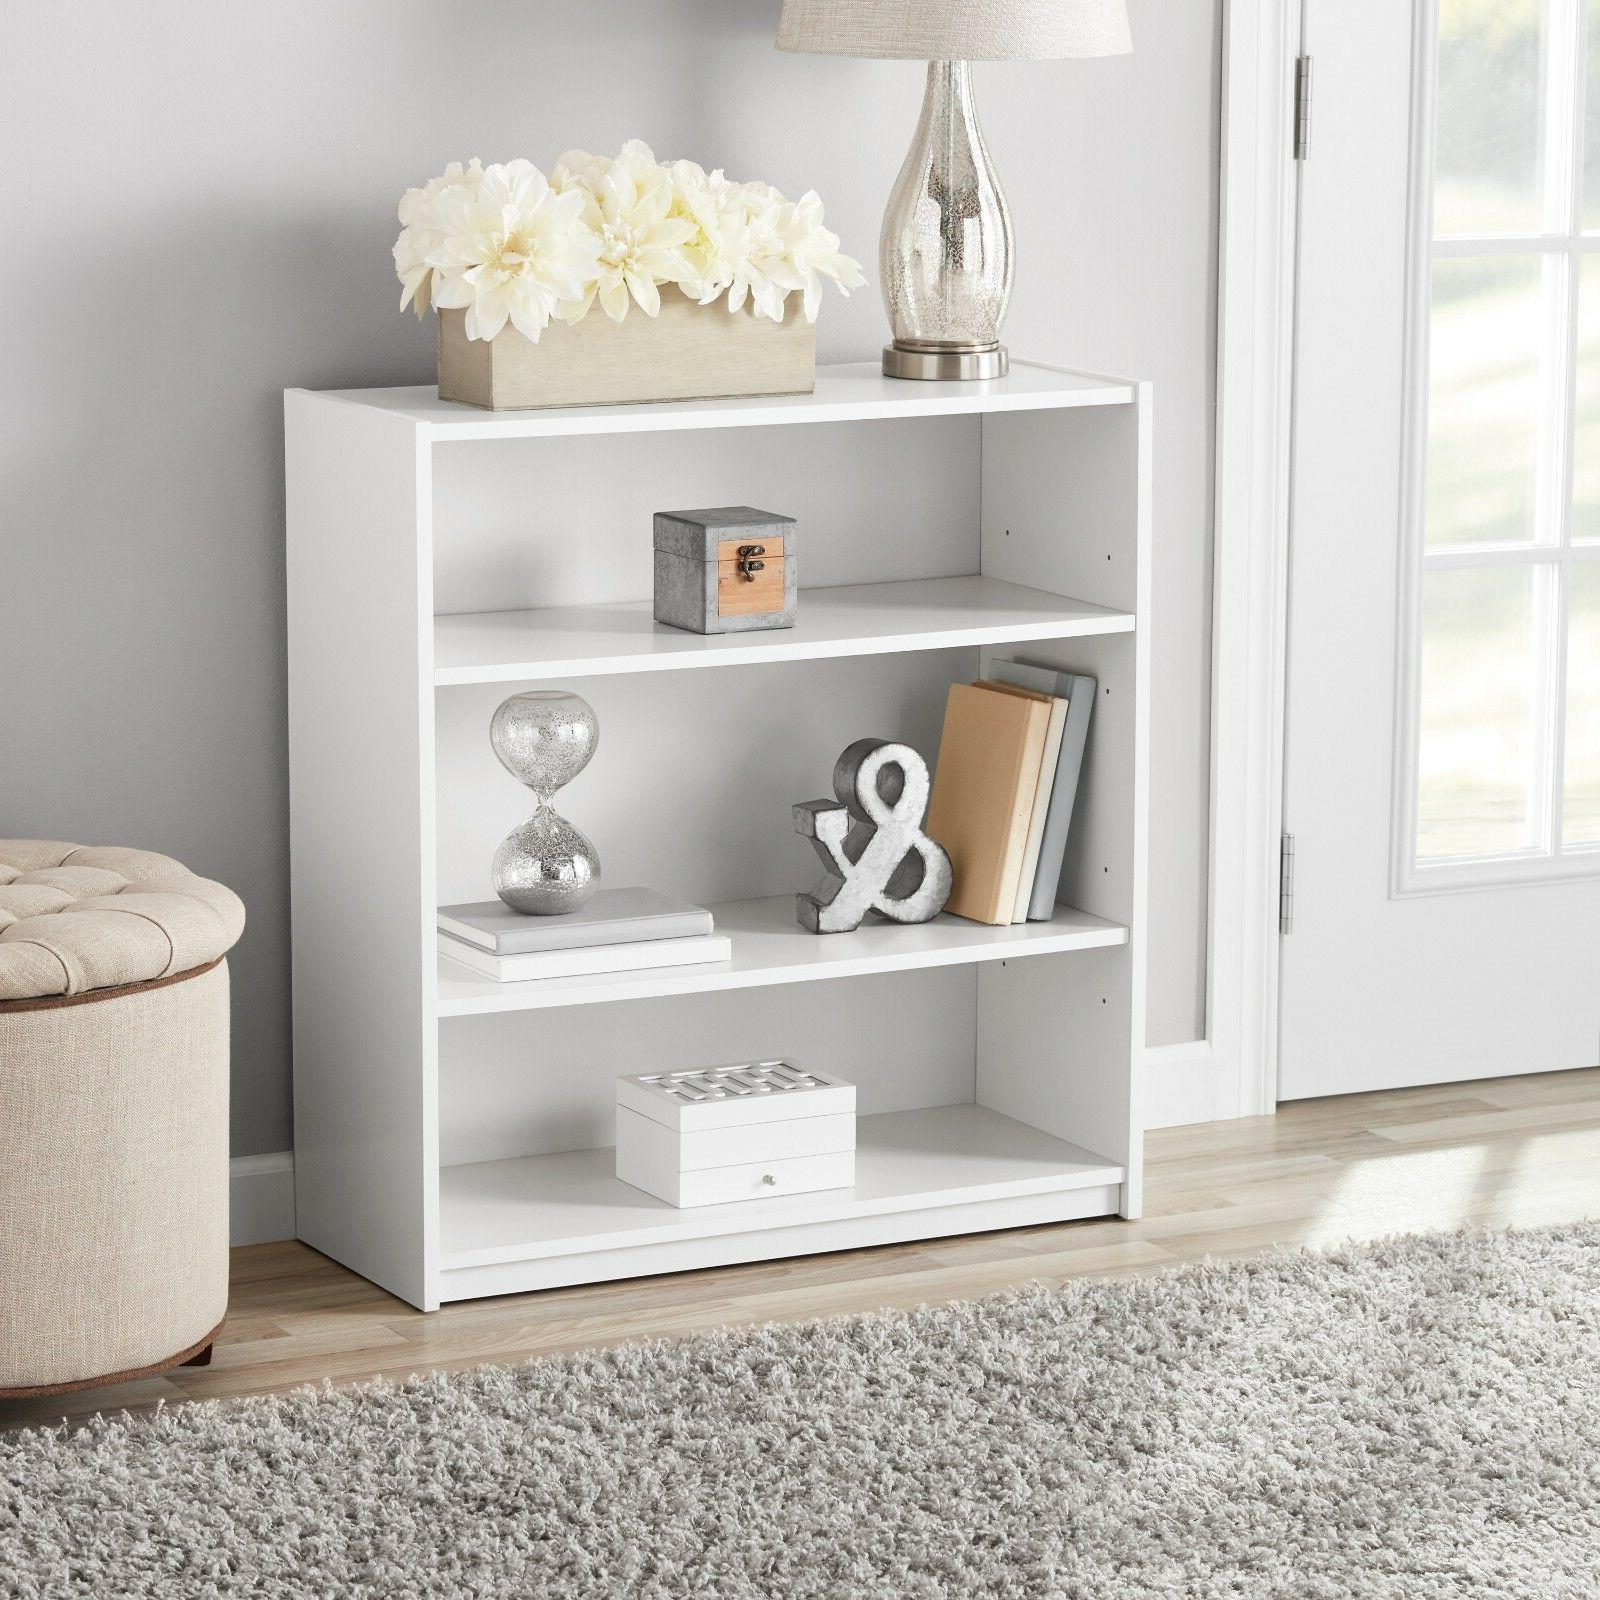 Adjustable 3 Bookcase Wide Shelving